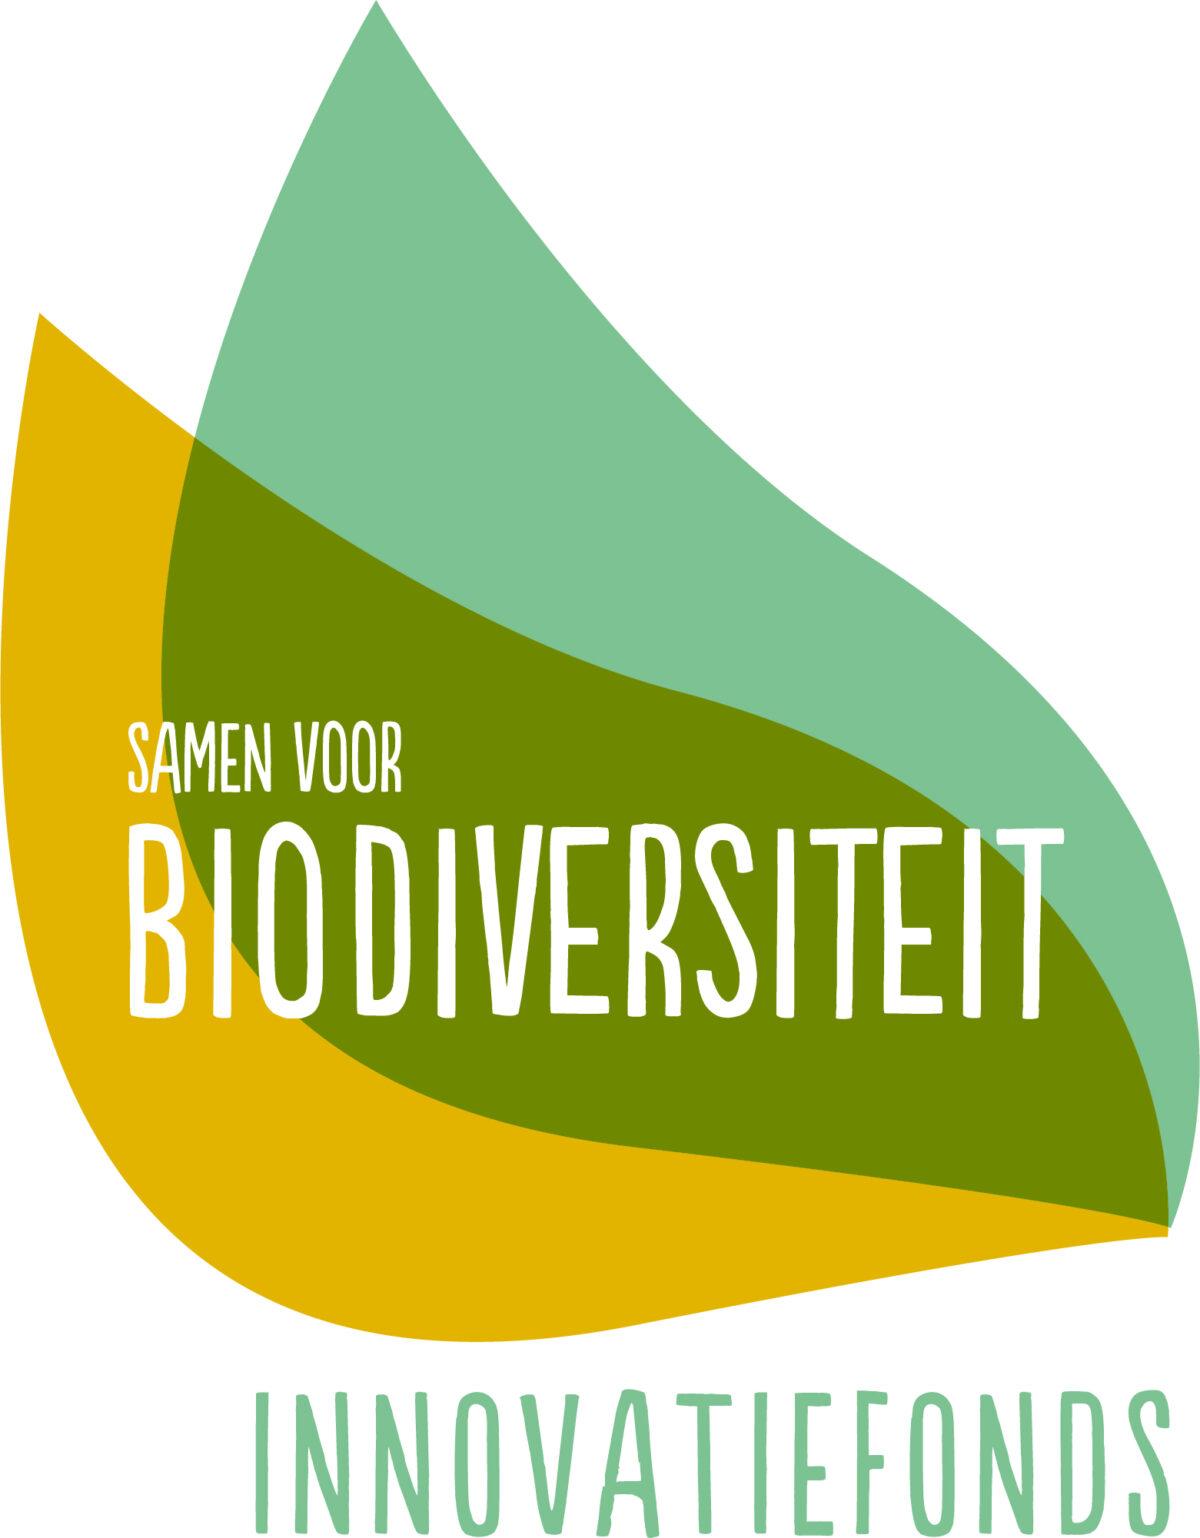 Nieuw innovatiefonds voor versterking biodiversiteit